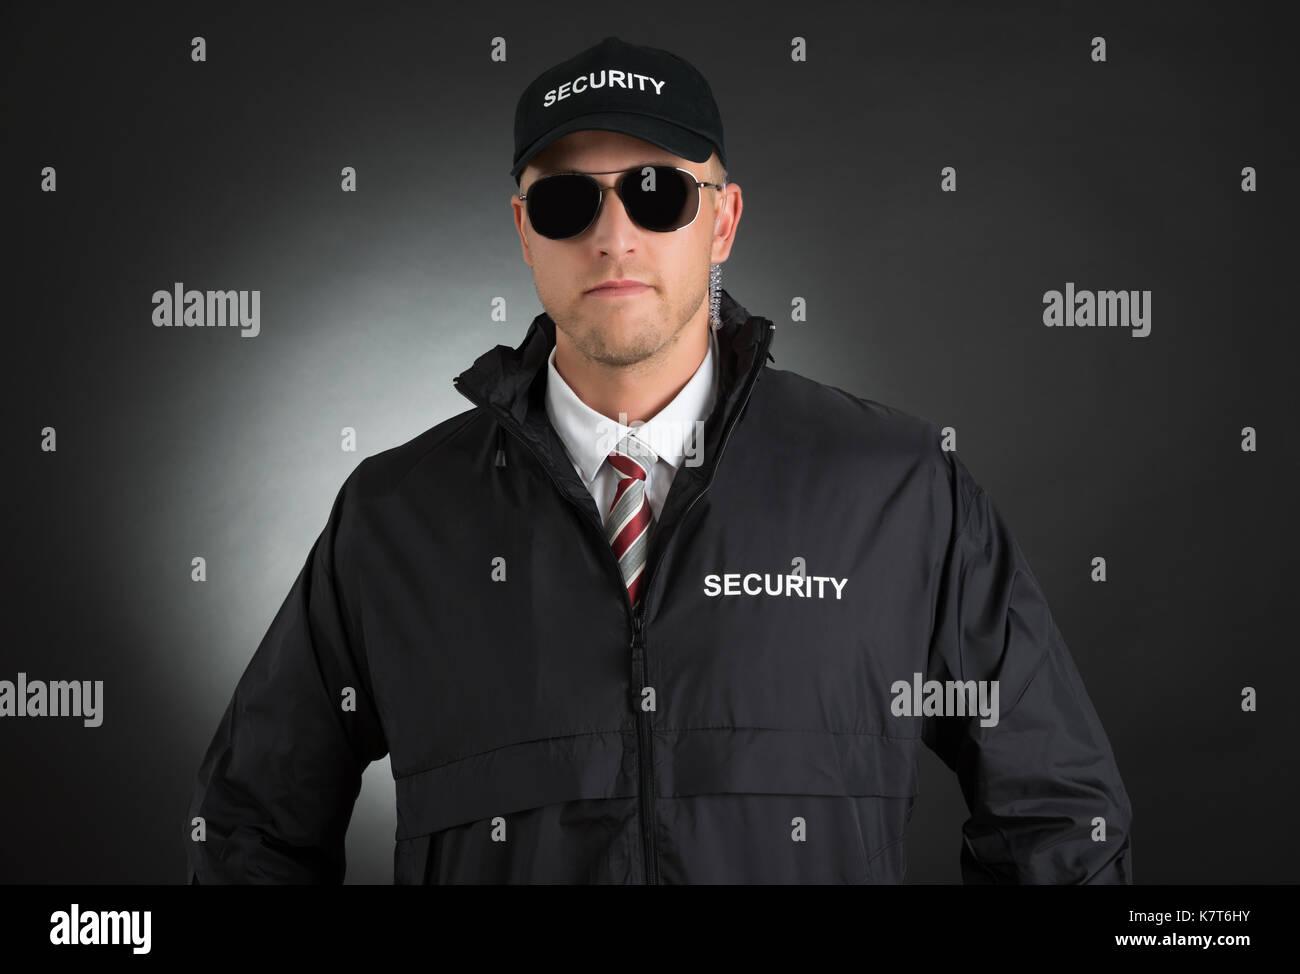 Che Giovane In Ritratto Uniforme Occhiali Gli Bodyguard Di Indossa sQdCxhrtBo